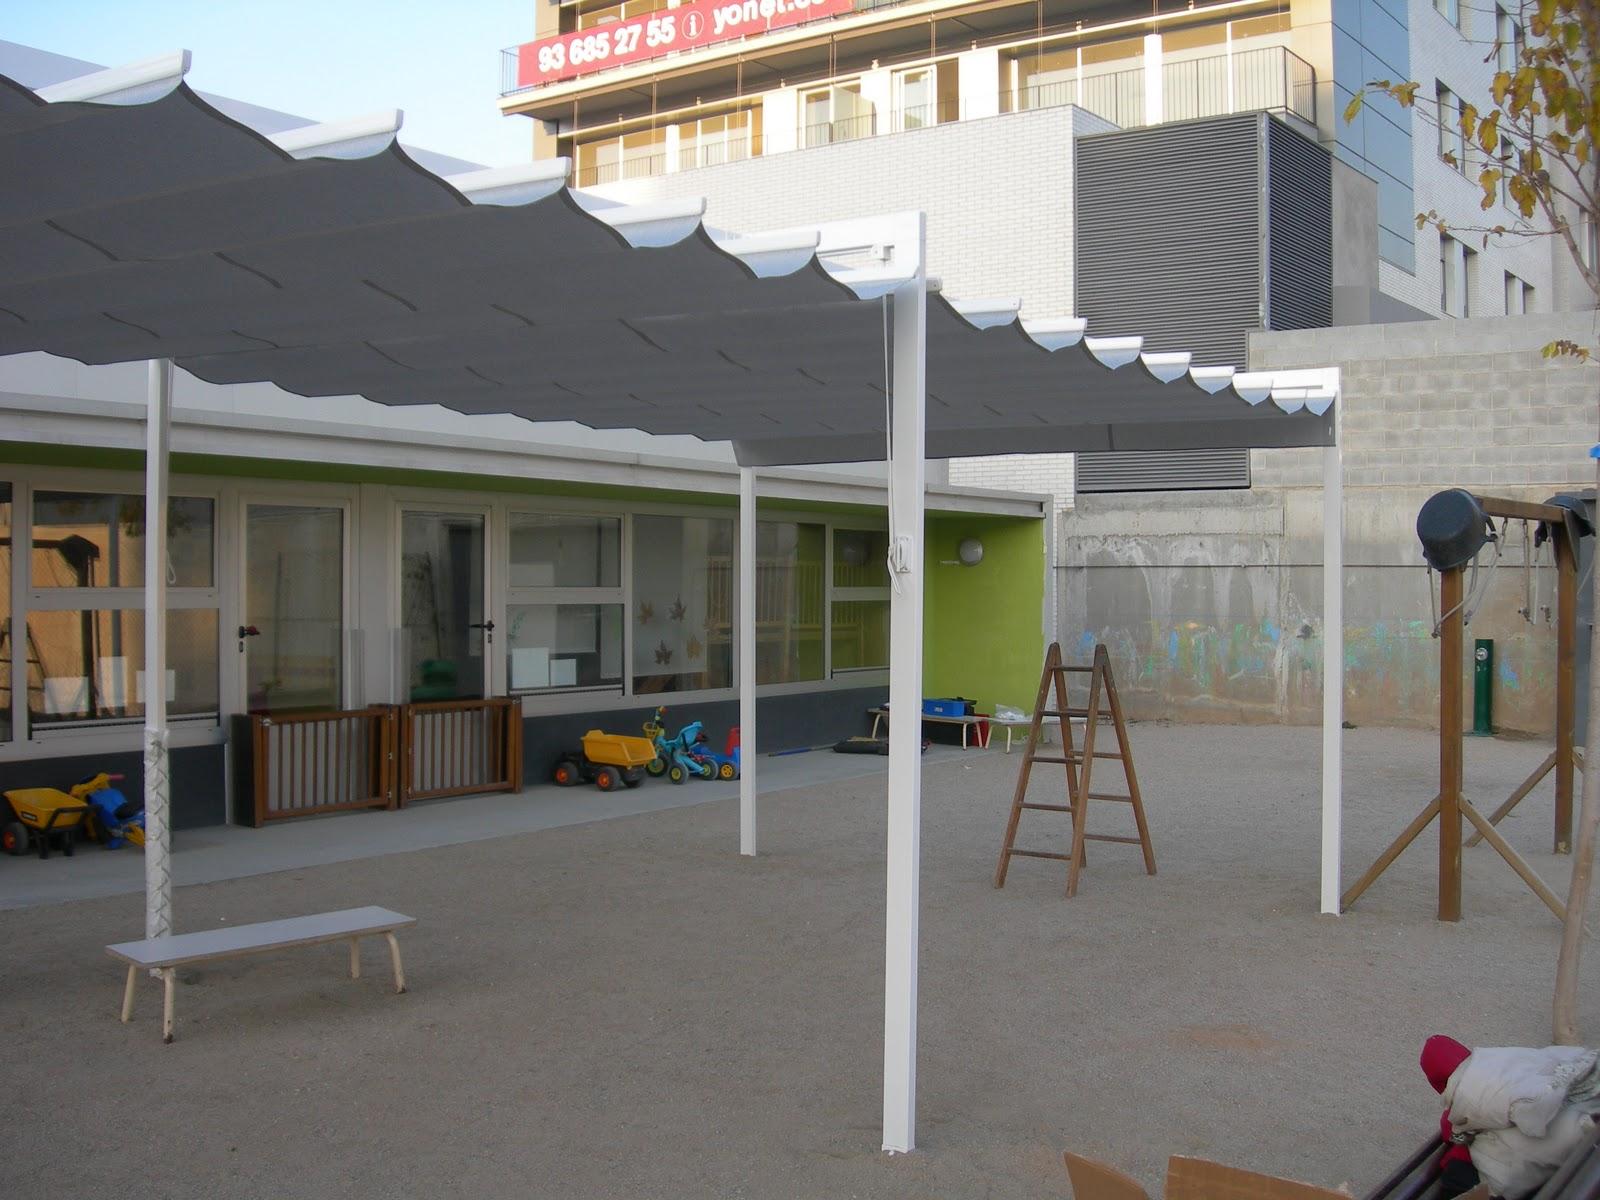 Toldos campos instalaci n de toldos correderos en una for Perfiles para toldos correderos